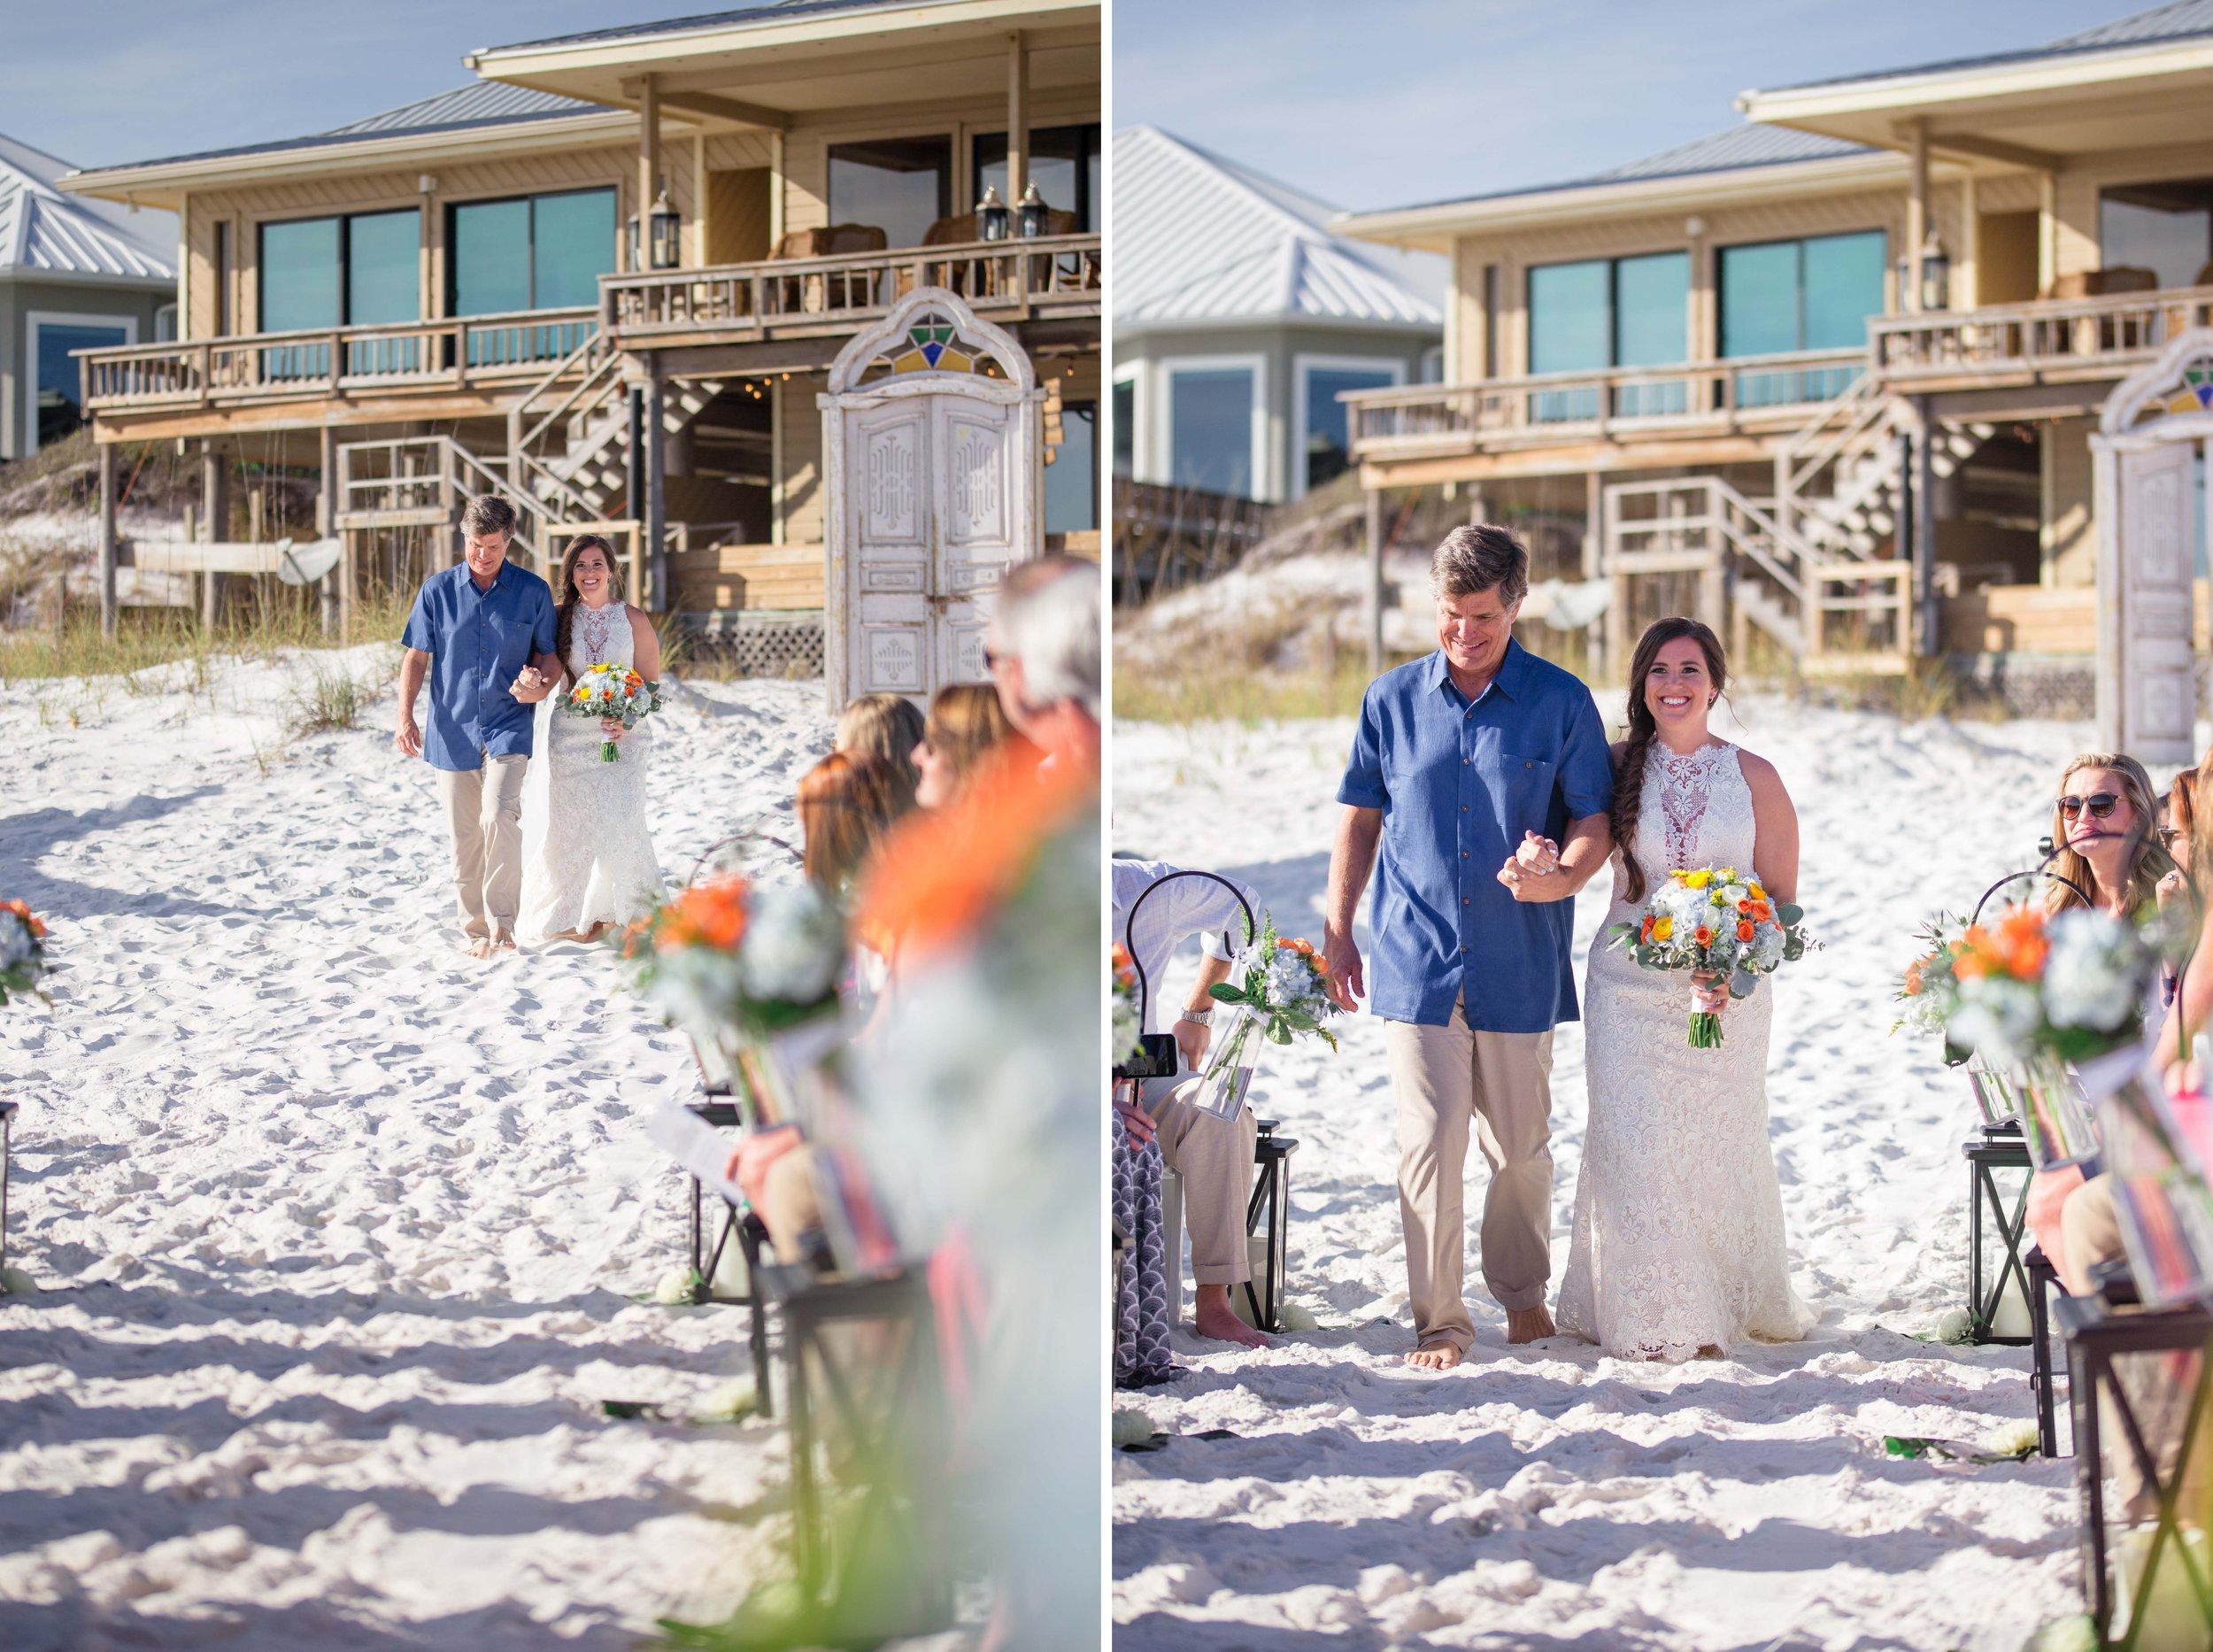 30a-Destin-Florida-Wedding-Photography-Caydee-Matt_025.jpg